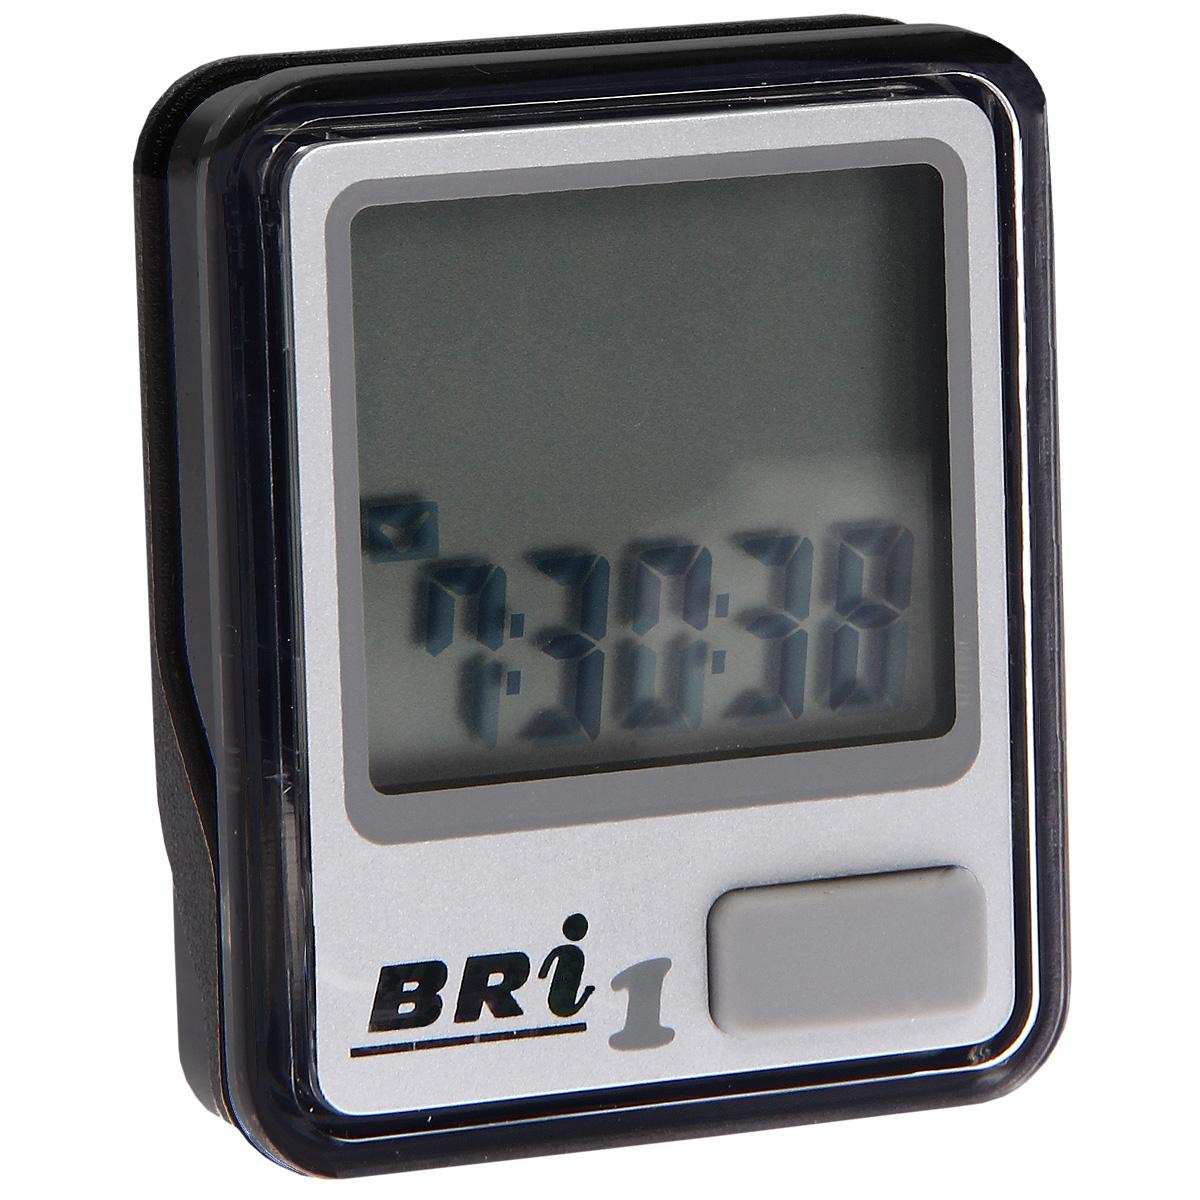 Велокомпьютер BRi-1, 5 функций, цвет: серебряный30238Велокомпьютер BRi-1 - это удобный и простой в использовании электронный прибор, предоставляющий велосипедисту всю необходимую информацию о поездке. Велокомпьютер состоит из двух частей соединенных проводом - дисплея, внешне похожего на электронные часы и датчика скорости. Дисплей крепится на руле с возможностью мгновенно отсоединить его, когда нет желания оставлять на велосипеде без присмотра или под дождем. Магнитный датчик скорости (геркон) крепится рядом с колесом. Принцип работы велокомпьютера довольно прост - программа за минуту настраивается на размер колеса велосипеда и начинает во время поездки считать за какое время колесо совершило полный оборот. Зная эти два параметра процессор может мгновенно высчитывать и выдавать на дисплей все требуемые параметры поездки. Характеристики:Материал: пластик, металл. Размер велокомпьютера: 3,7 см х 4,6 см х 1,5 см. Размер монитора: 2,7 см х 2,4 см. Размер упаковки: 7,2 см х 11,5 см х 6,3 см. Производитель: Китай.Гид по велоаксессуарам. Статья OZON Гид